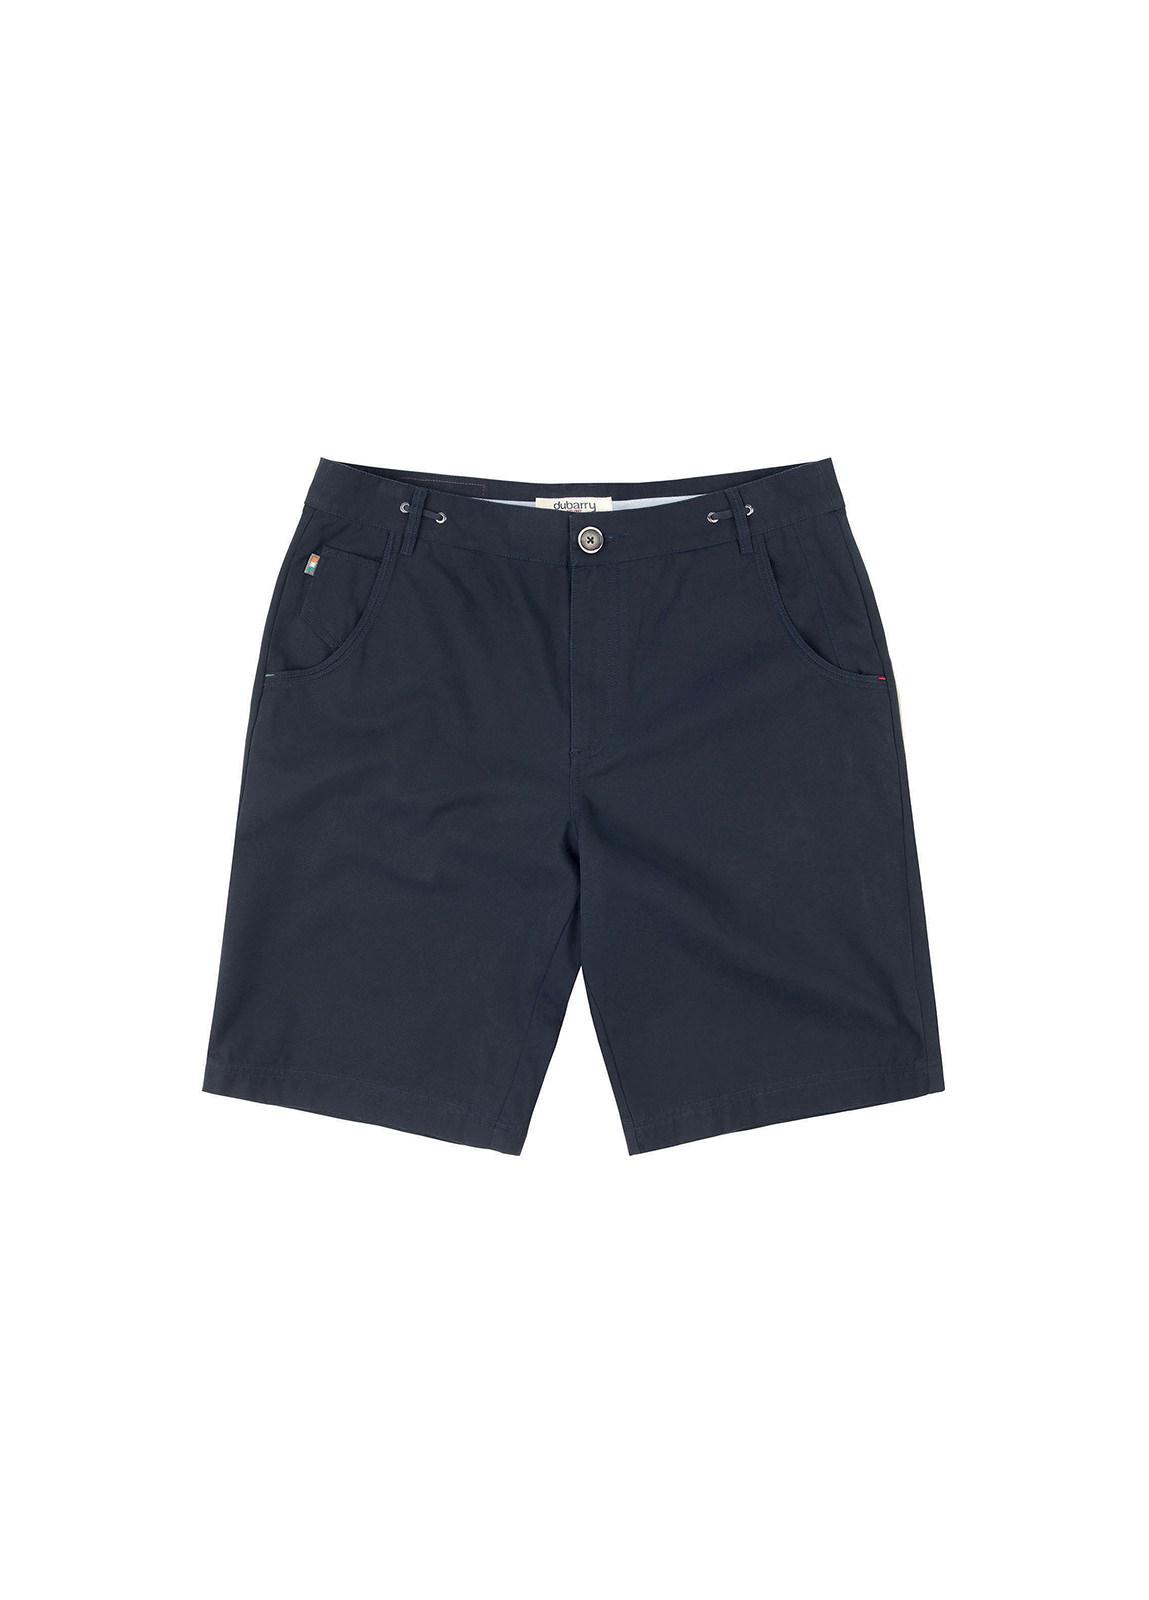 Erne Mens Shorts - Navy